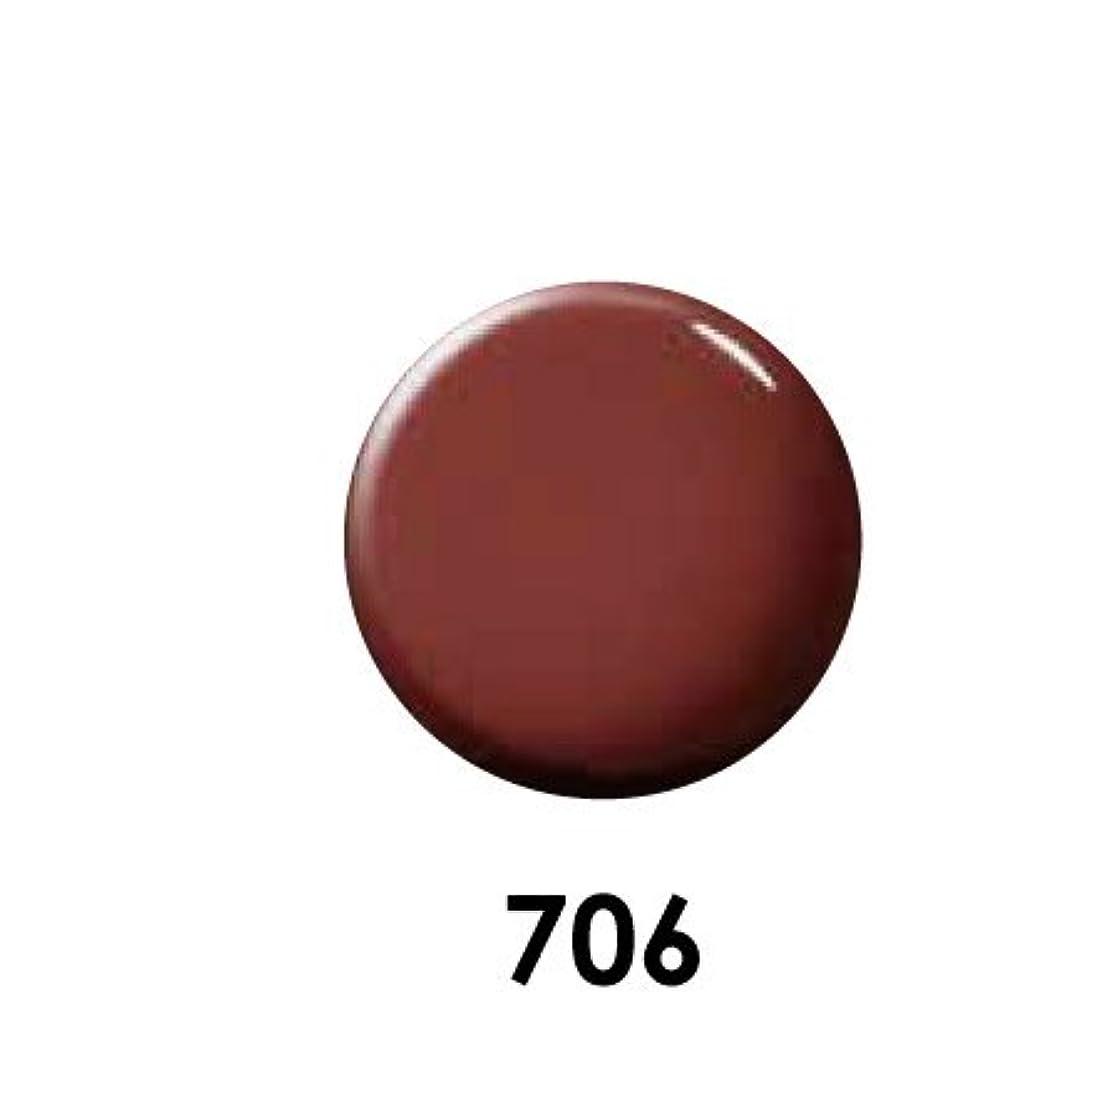 年金浅いギャザーPutiel プティール カラージェル 706 サンダルウッド? 2g (NAGISAプロデュース)